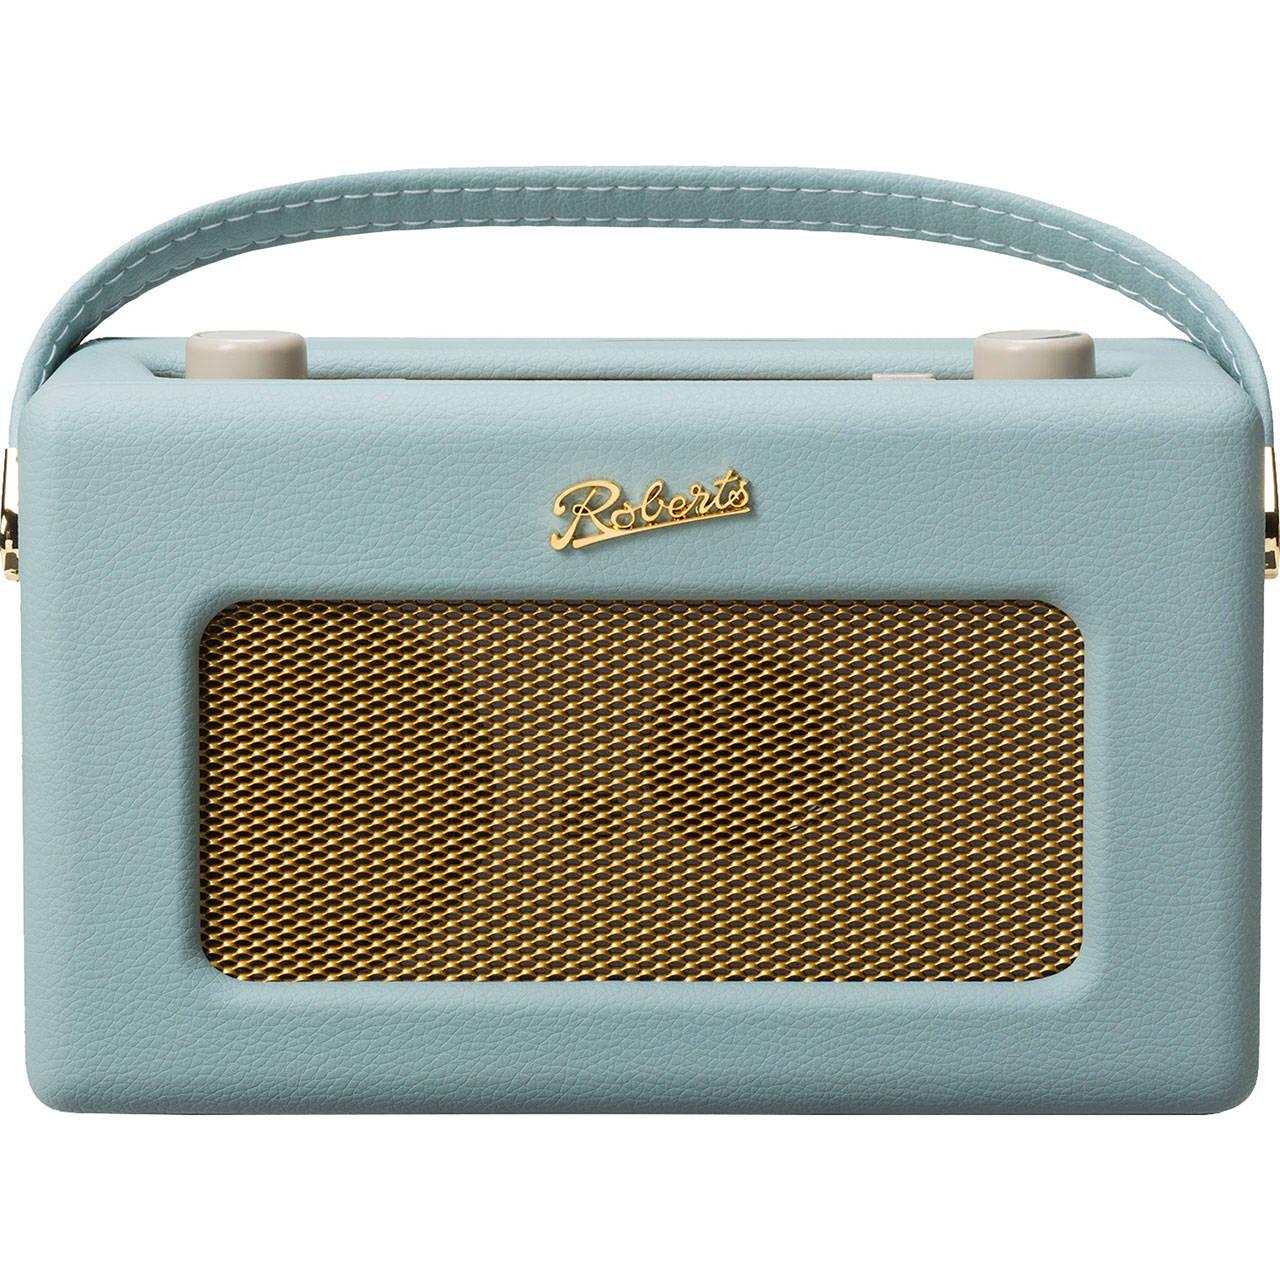 Roberts Radio ISTREAM2DE Revival Smart radio - Alexa Compatible